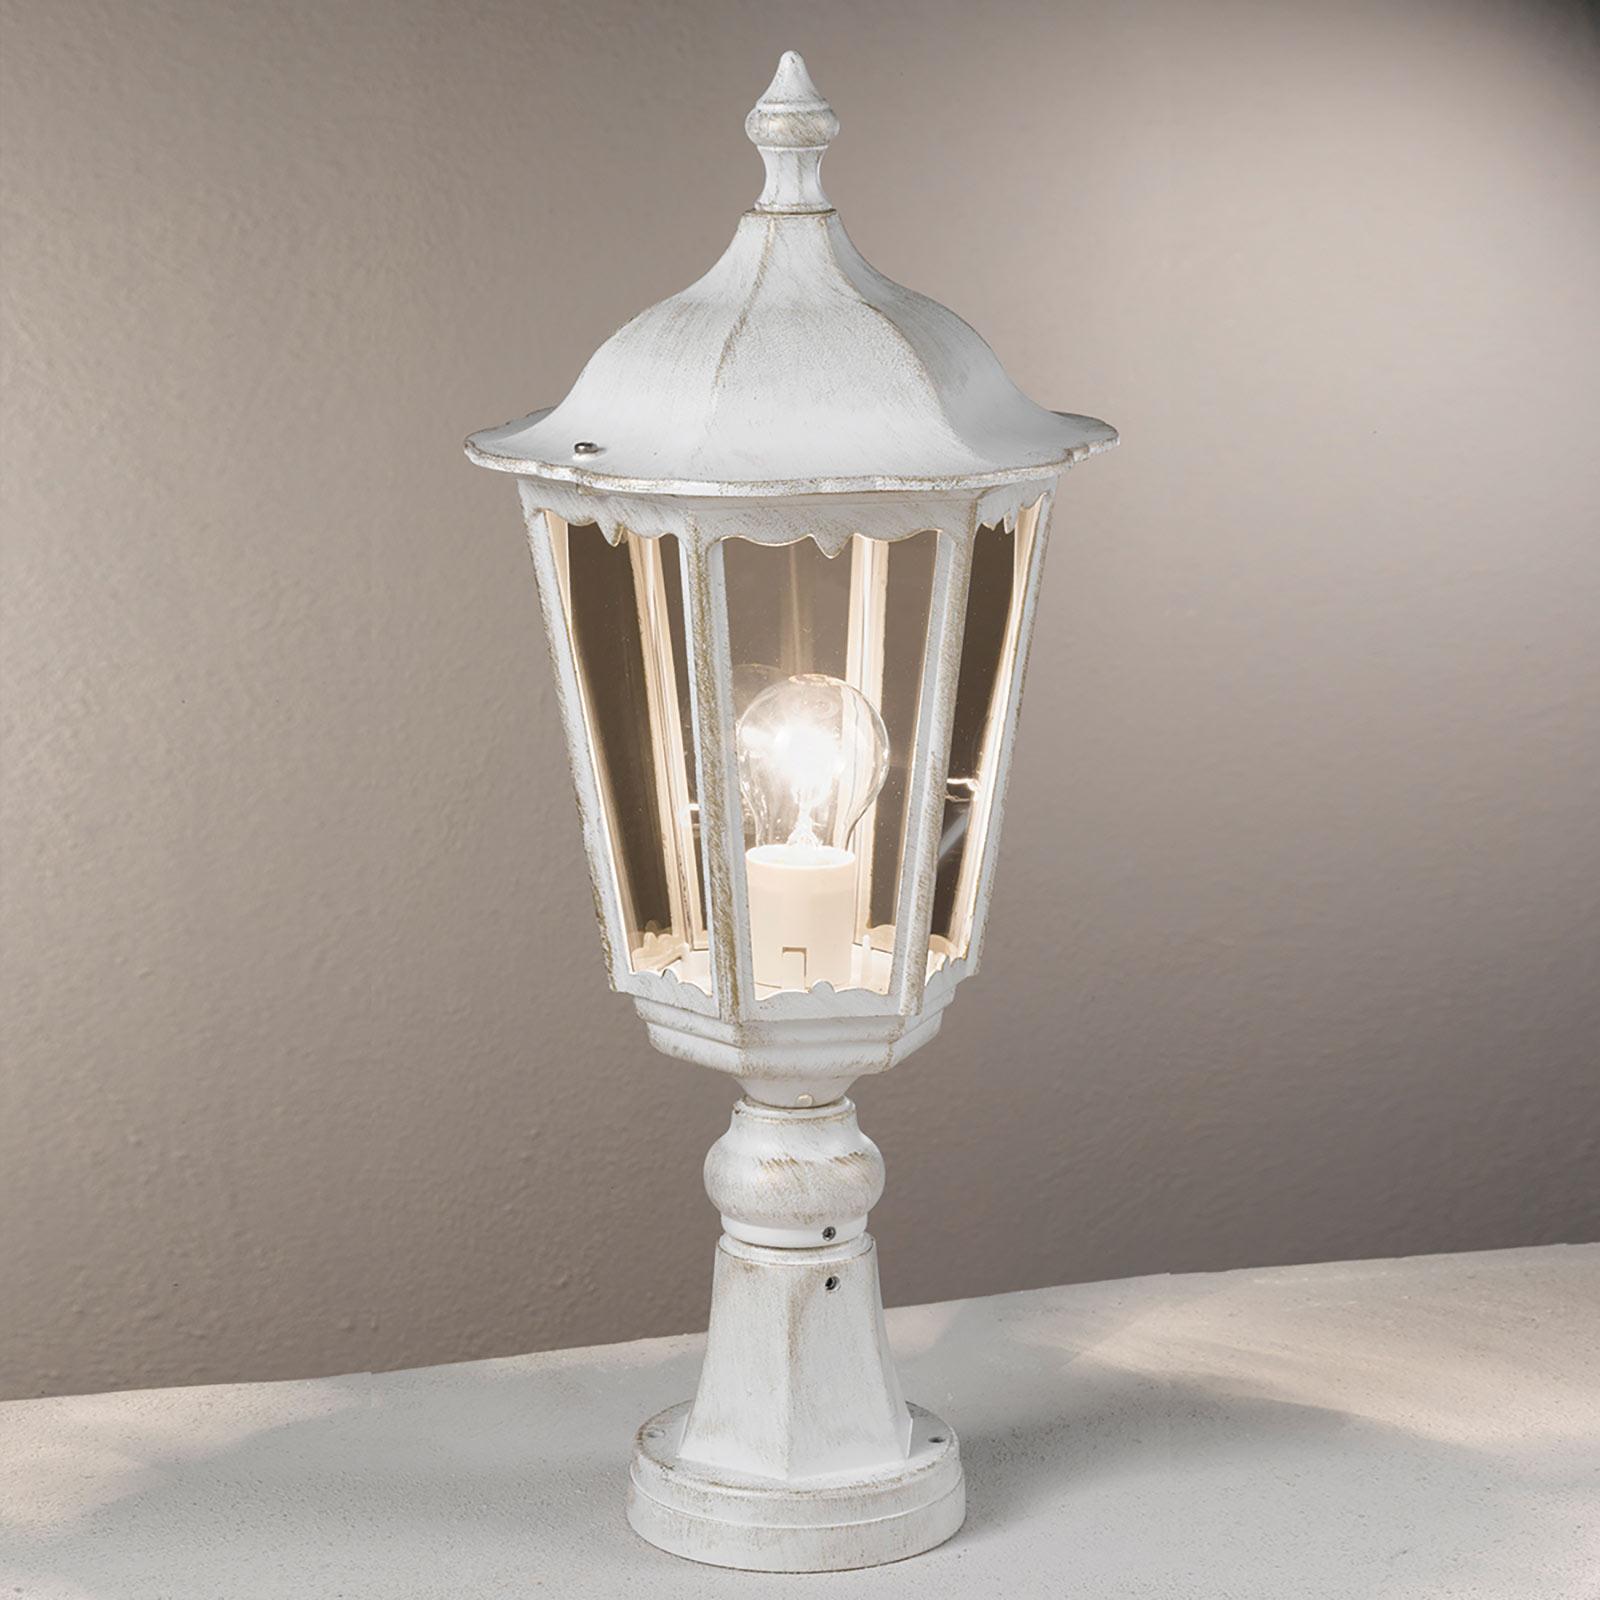 Słupek oświetleniowy Puchberg biało-złota